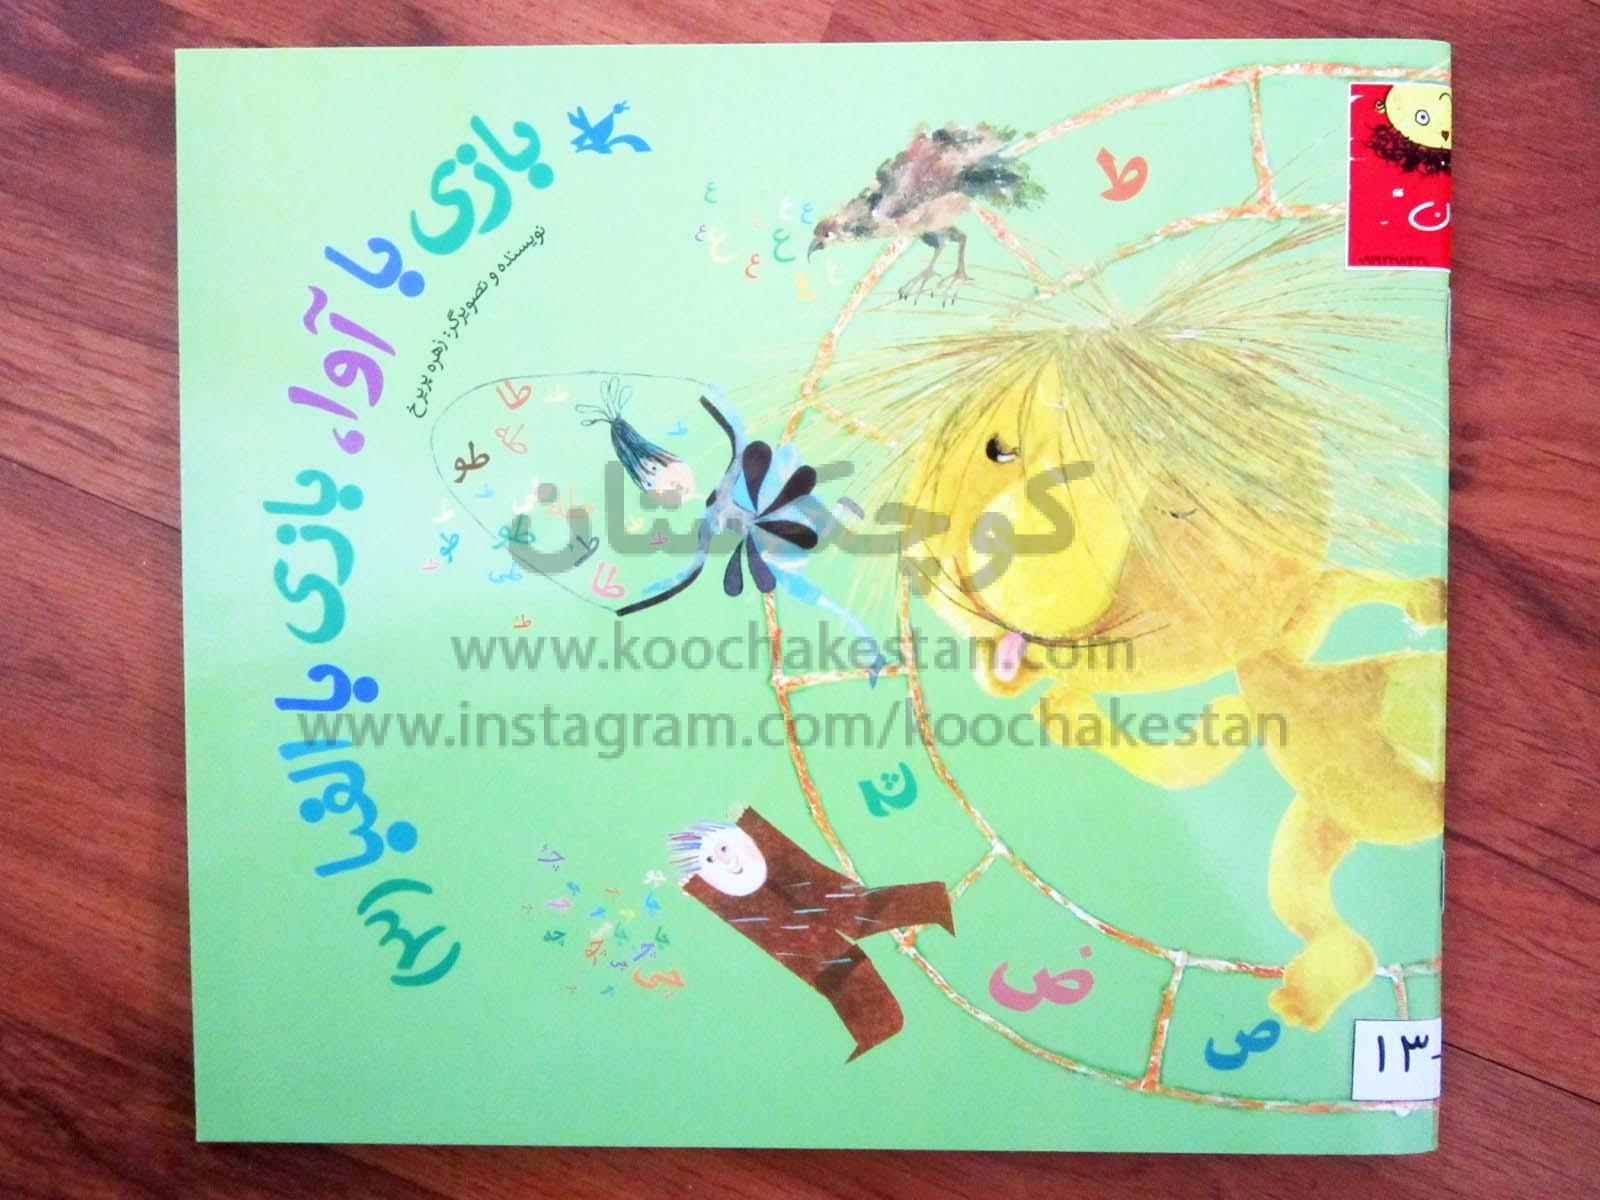 بازی با آوا، بازی با الفبا (3) - کتابخانه کودک